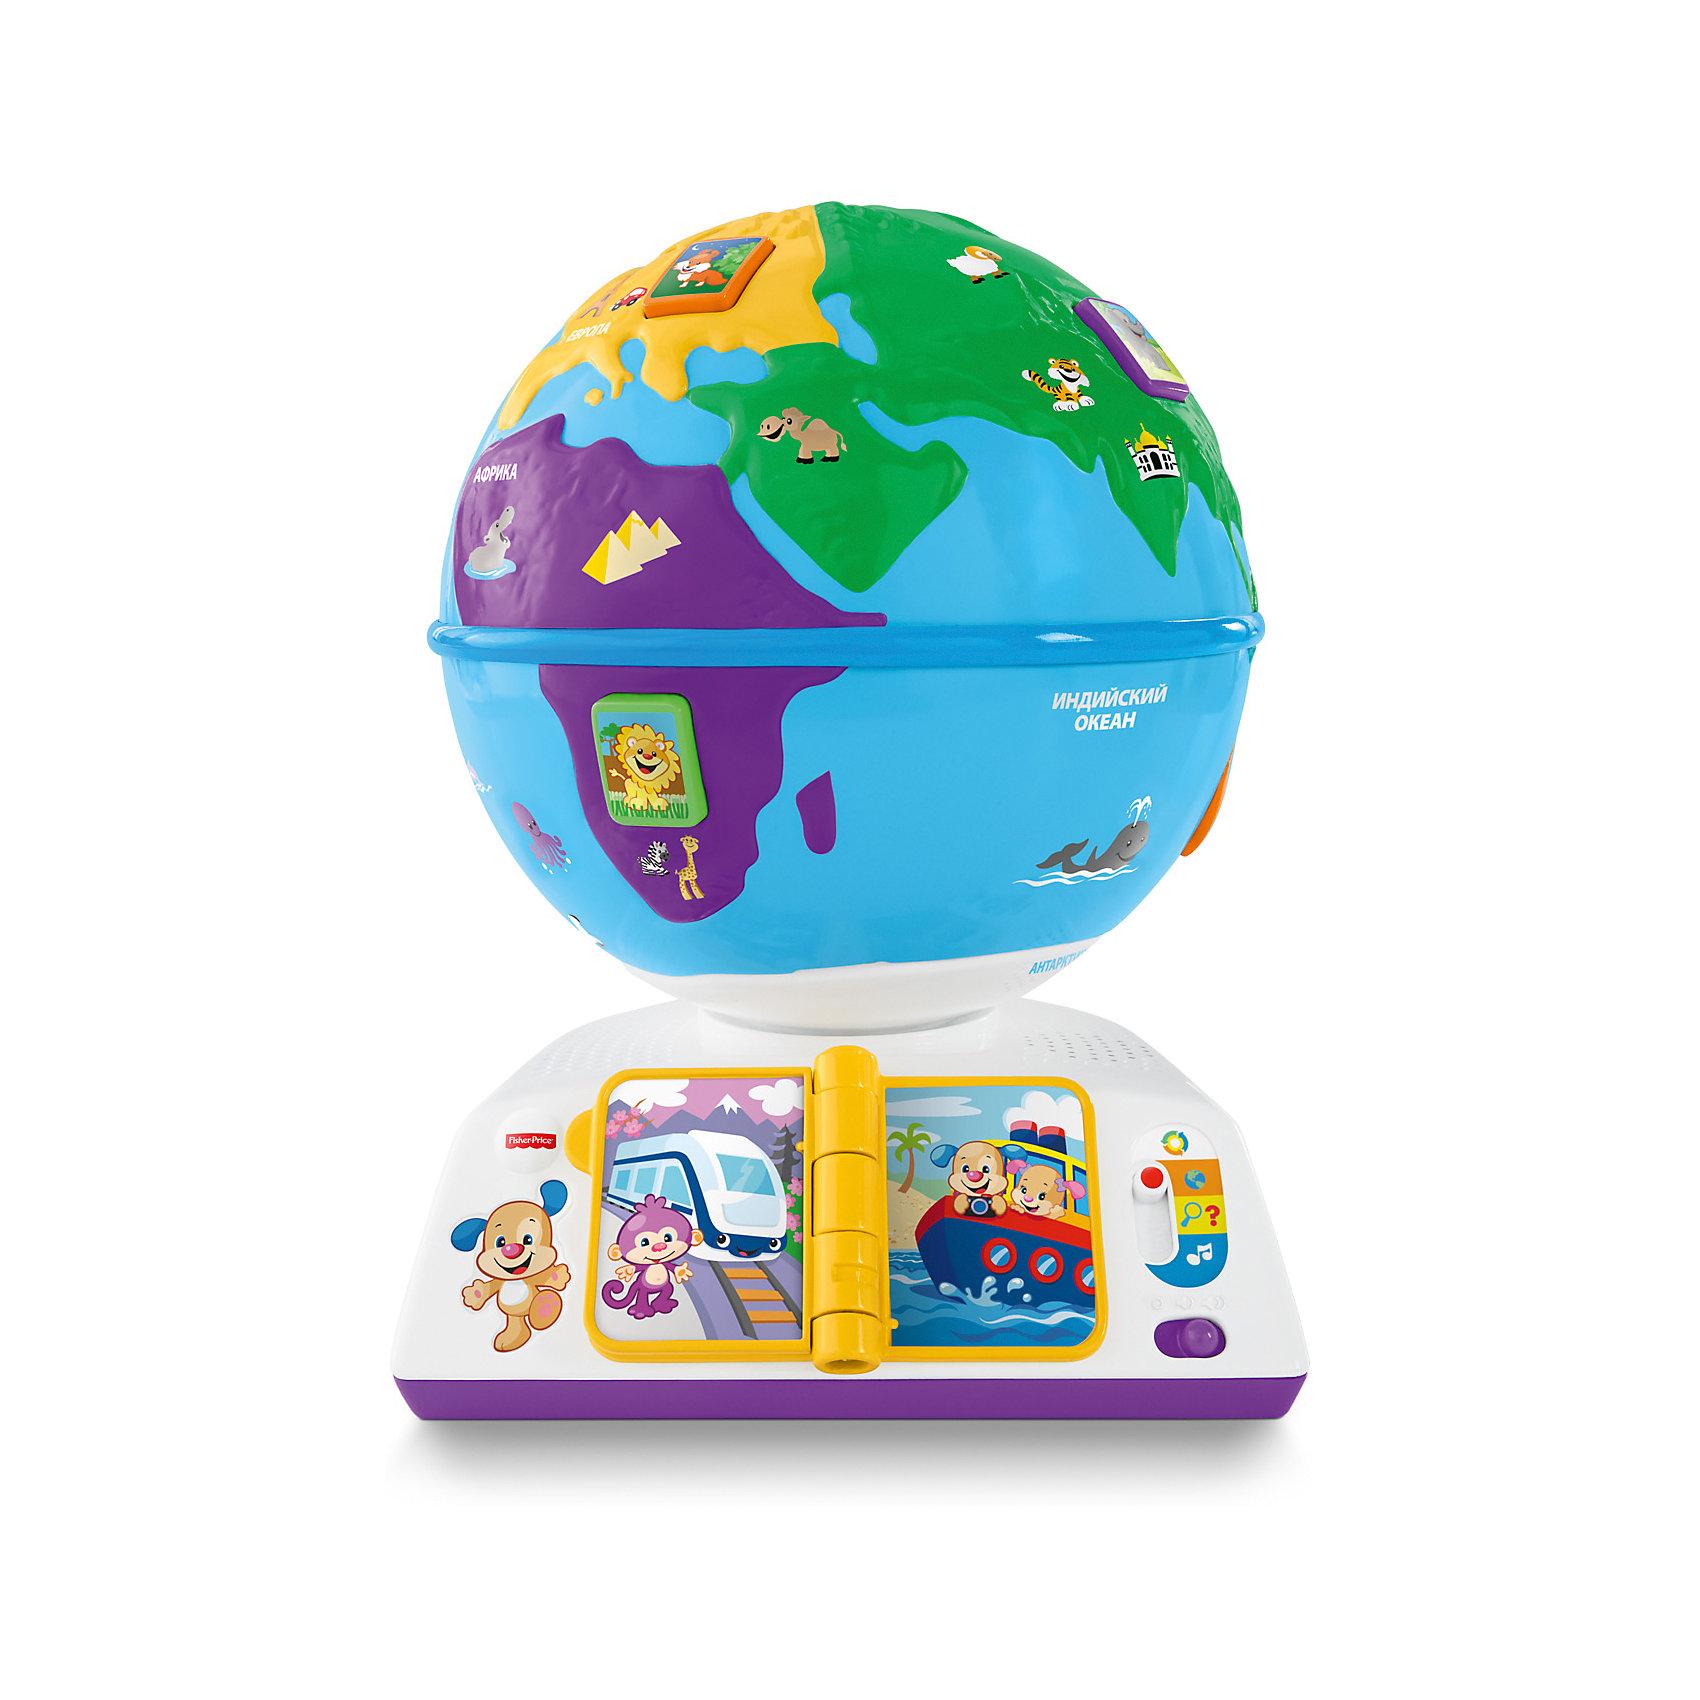 Обучающий глобус, Fisher PriceОбучающий глобус - интересная новинка от американского бренда Fisher-рrice (Фишер-прайс). Яркий, разноцветный глобус на интерактивной подставке научит малыша о том, что есть наша планета и какие на ней обитают звери, какие звуки издают животные и как приветствуют друг друга люди на разных континентах, на каком транспорте можно передвигаться, а также научиться новым песенкам. Игрушка содержит более ста песен, фраз и звуков. Интерактивные кнопки на  вращающемся глобусе понравятся малышу, а знаменитый щенок от Fisher-рrice (Фишер-прайс) со своей маленькой сестрой научат новому. Благодаря технологии Smart Stages, игрушка имеет три уровня: обучение видам животных ,вовлечение с помощью вопросов предлагается отыскать этих животных, развитие – с помощью песен заинтересовать малыша игрой о животных. Игрушка выполнена из гипоаллергенных материалов безопасных для детей и поможет малышу развиваться играя.<br><br>Дополнительная информация:<br>- Материал: пластик <br>- Размер коробки: 22 * 33 * 29 см.<br>- Элемент питания: 3 АА батарейки ( в комплекте - демонстрационные). <br>- 100+ песенок, фраз, звуков<br><br>Обучающий глобус, Fisher-price (Фишер-прайс), можно купить в нашем магазине.<br><br>Ширина мм: 220<br>Глубина мм: 290<br>Высота мм: 330<br>Вес г: 1805<br>Возраст от месяцев: 18<br>Возраст до месяцев: 36<br>Пол: Унисекс<br>Возраст: Детский<br>SKU: 5032901